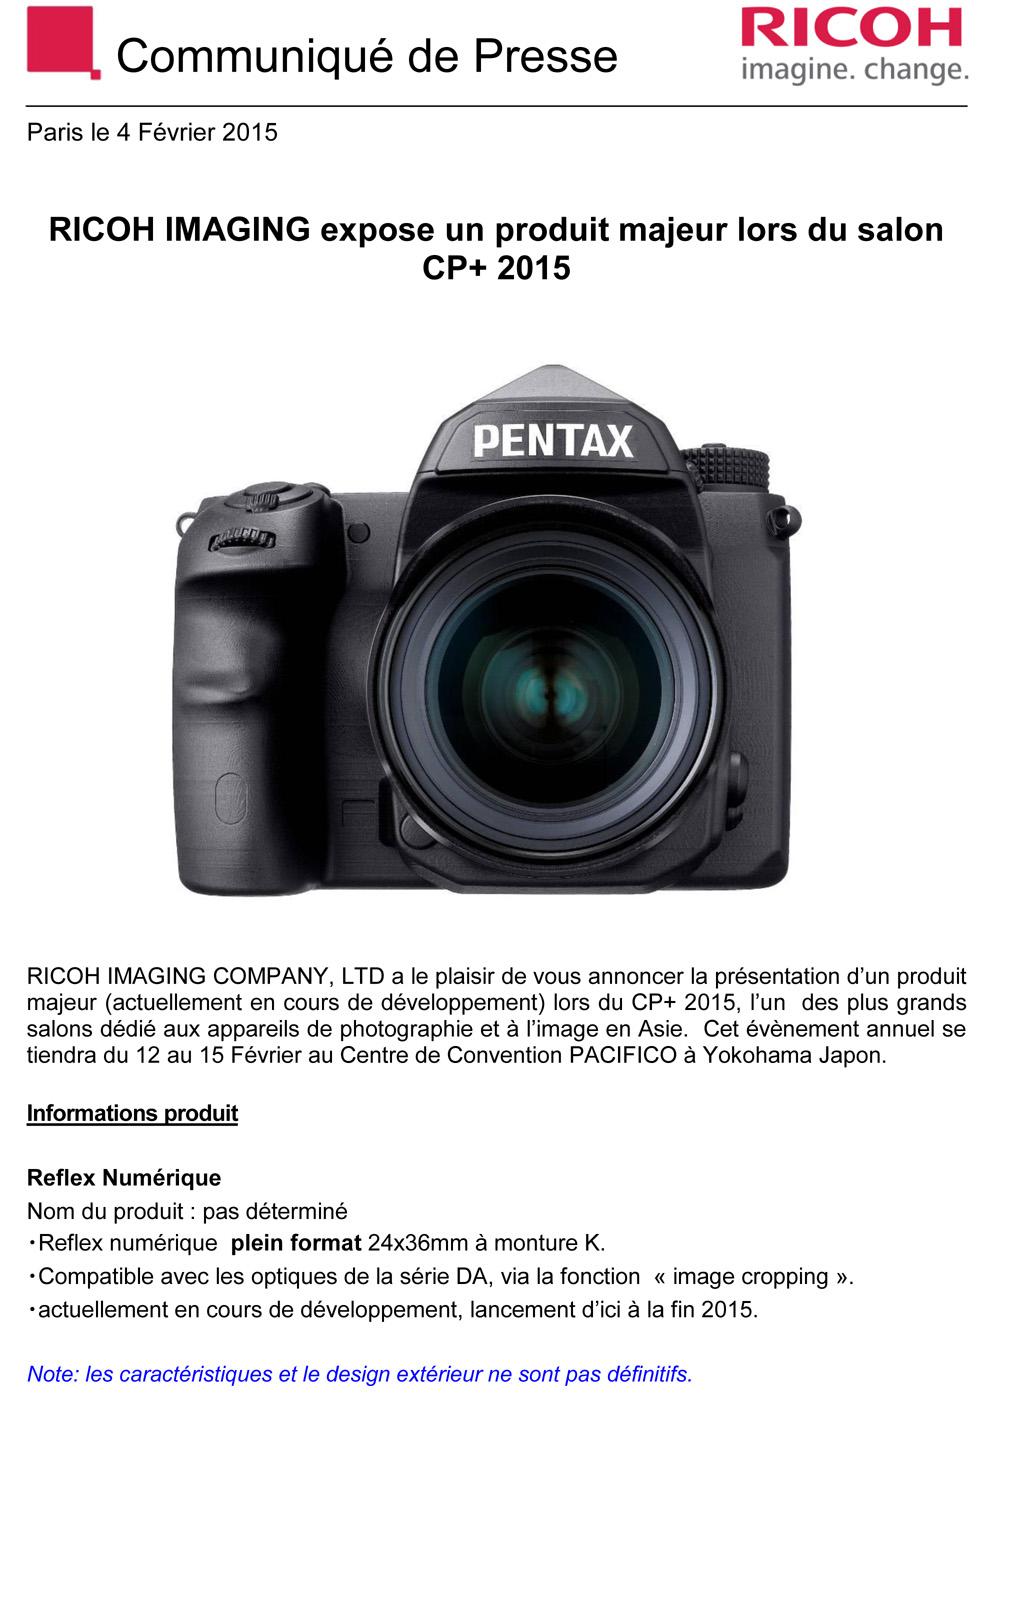 PENTAX RICOH IMAGING - Communiqué de Presse 04/02/2015 - Produit Majeur ... 7AQwtg